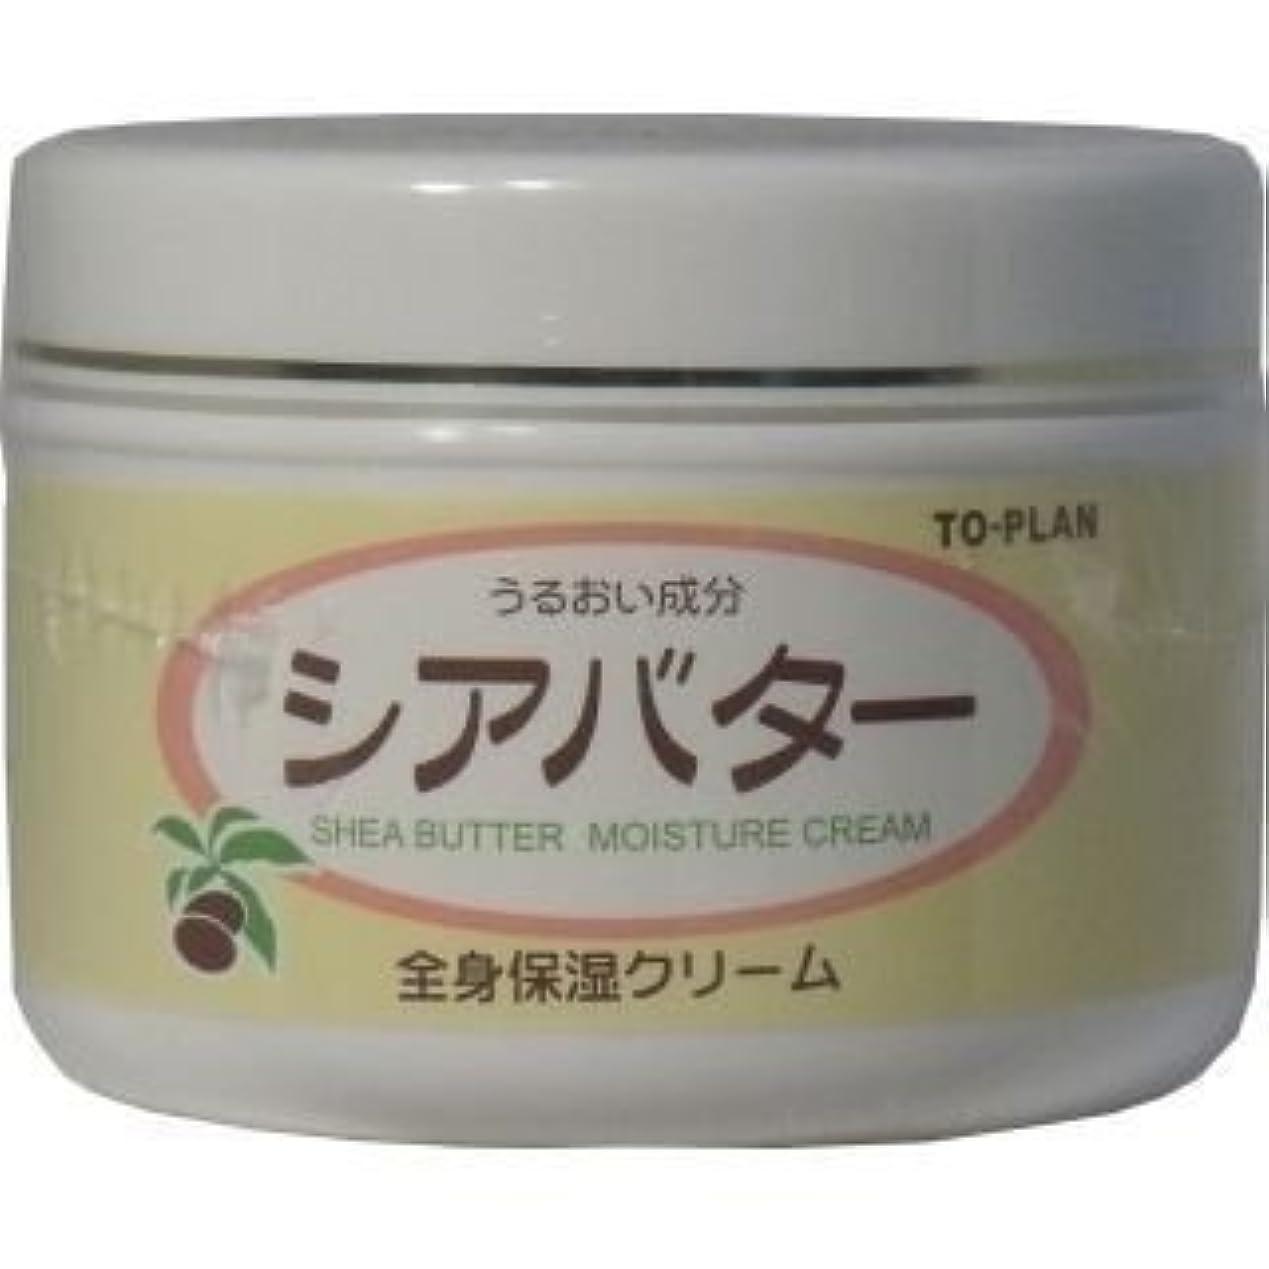 ローラーシアーハーフ【セット品】シアバター全身保湿クリーム 170g 7個